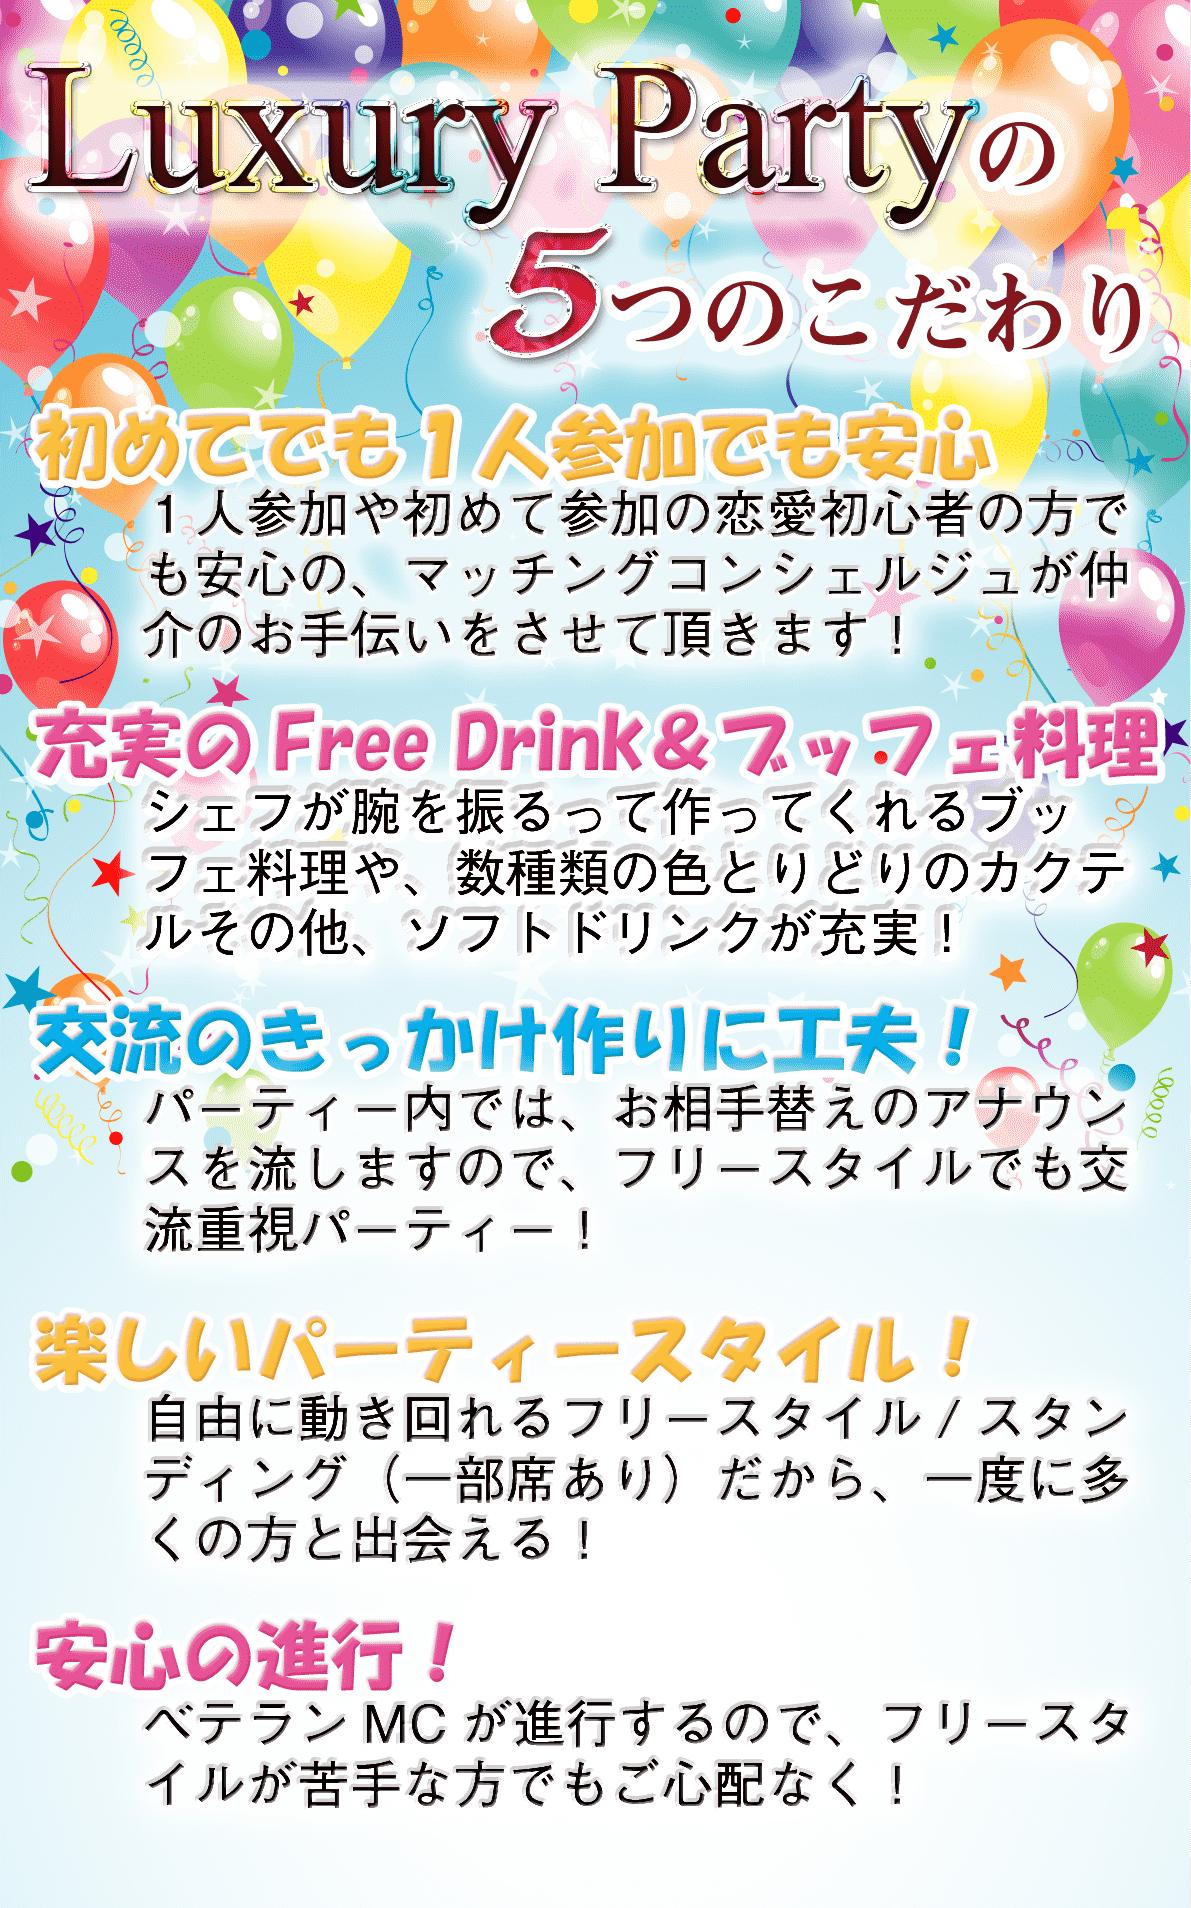 5spc_nagoya1